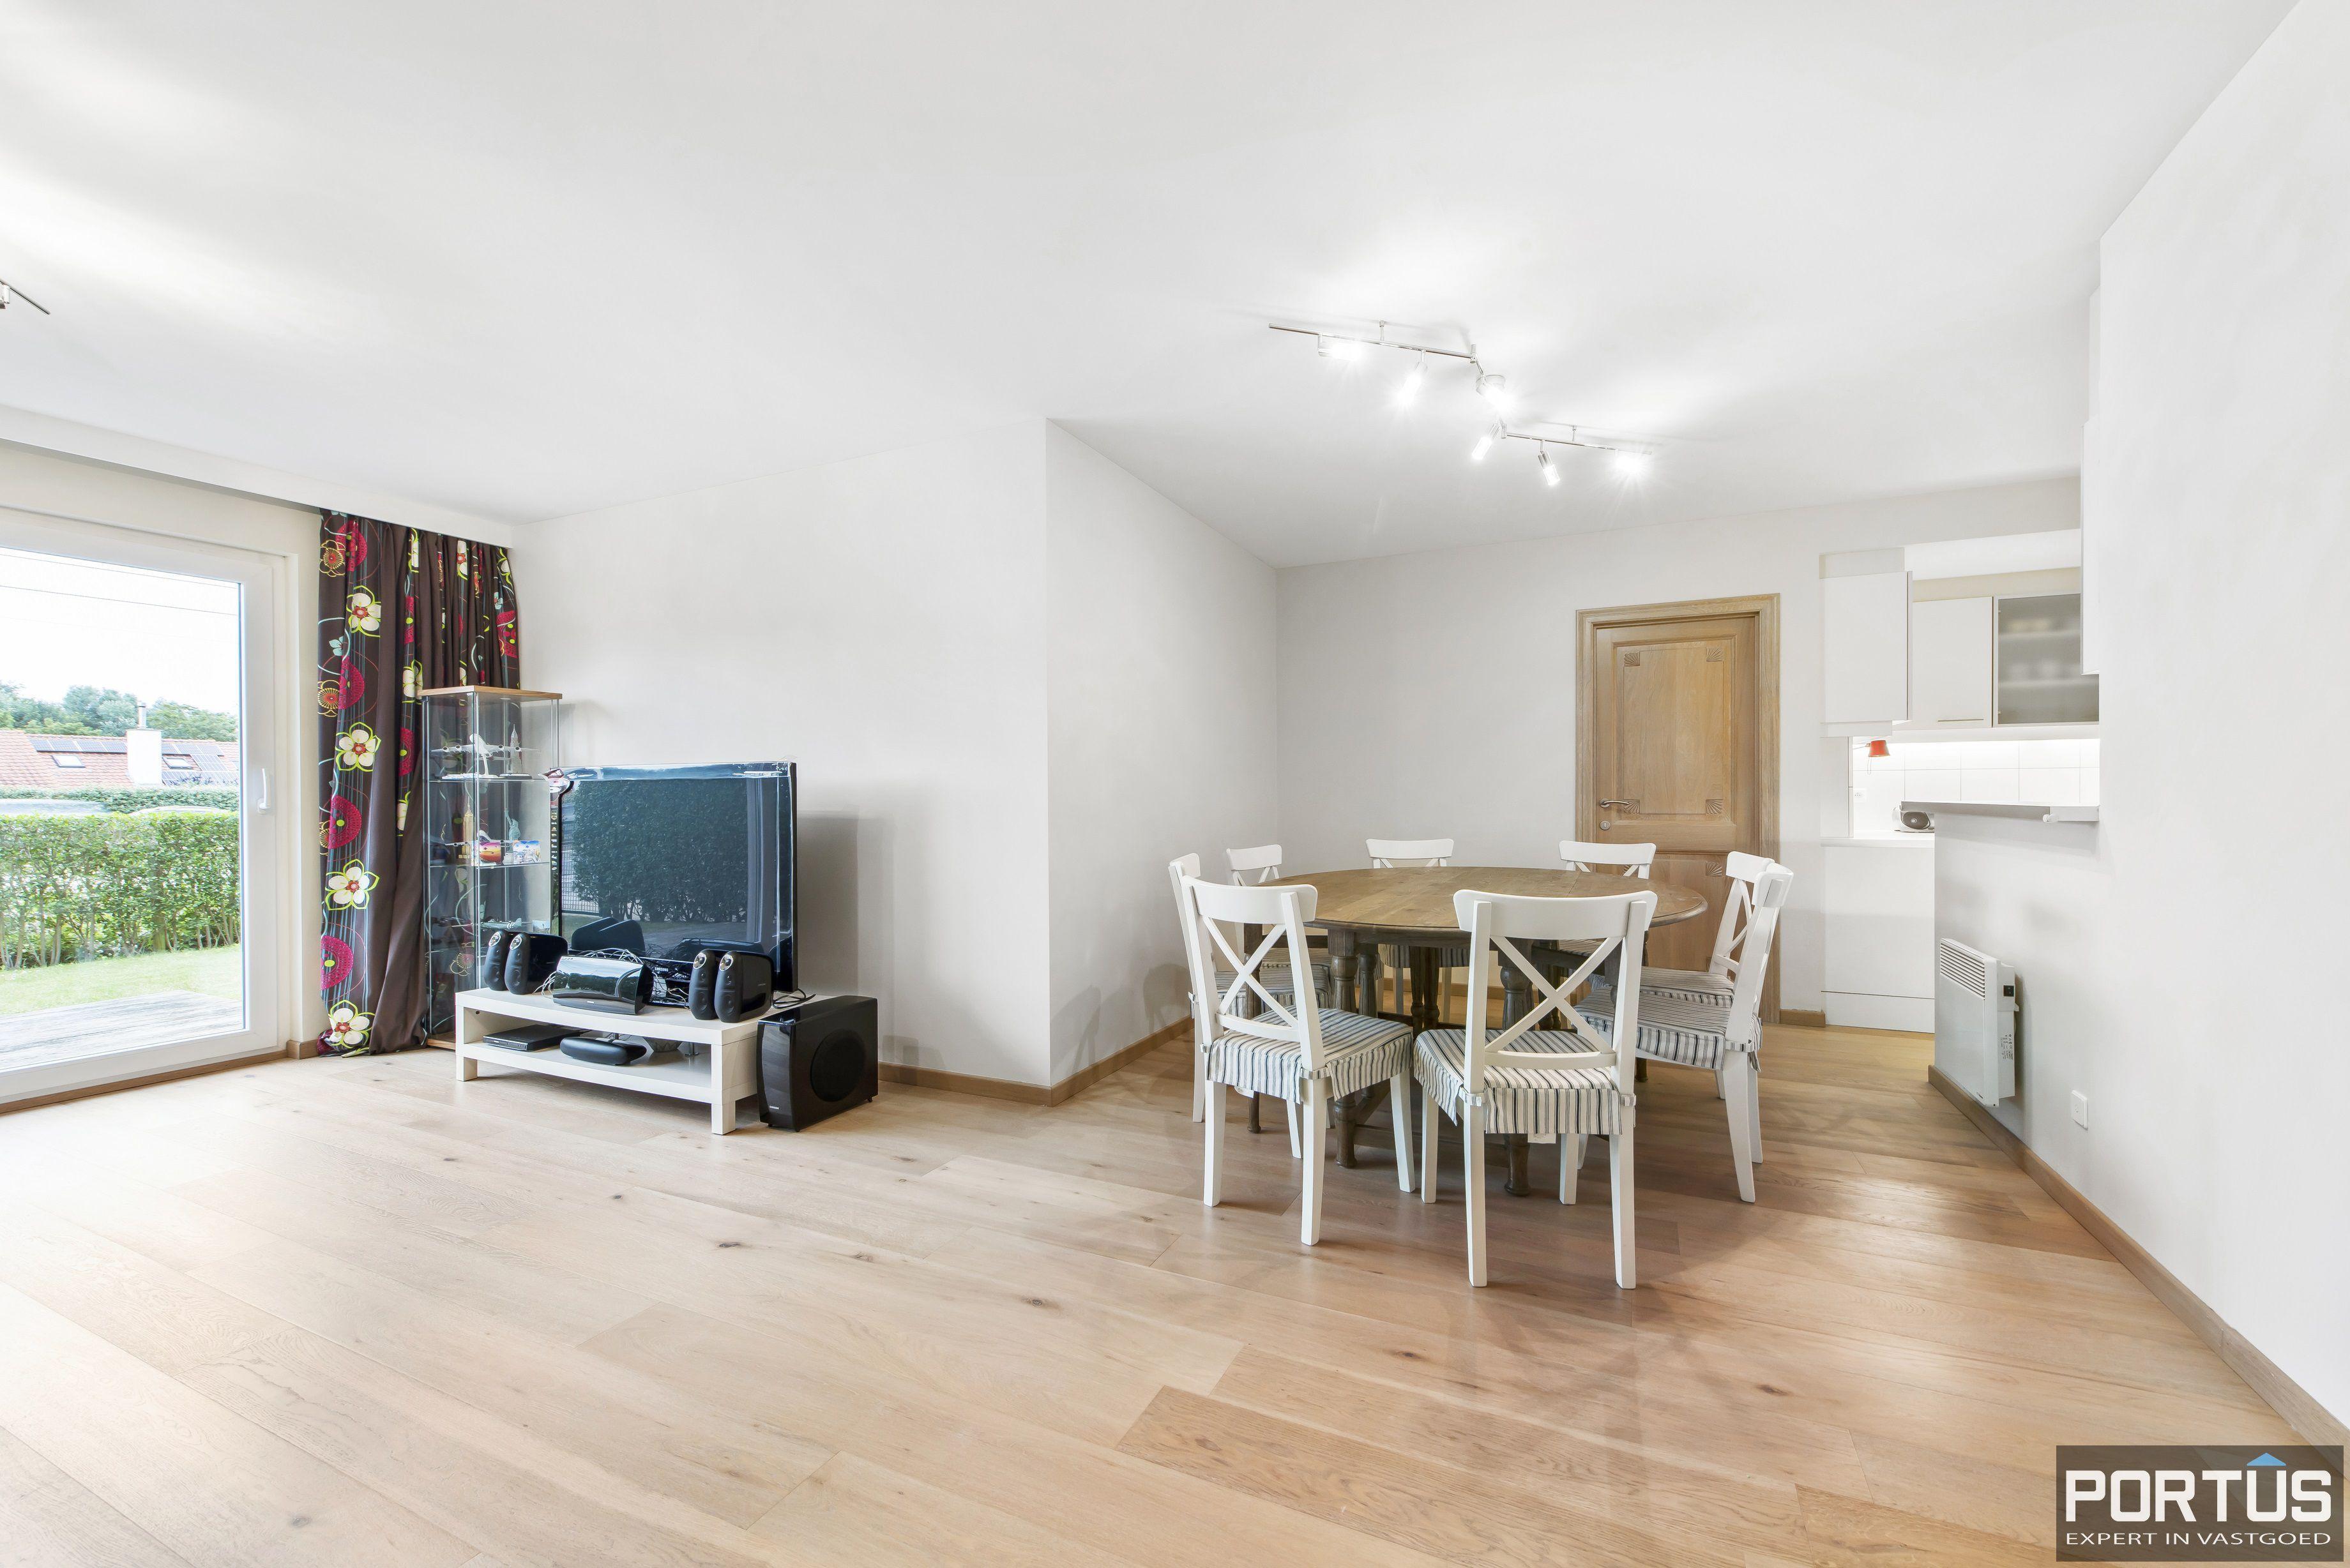 Gelijkvloers appartement te koop met 2 slaapkamers en privé tuin - 9852